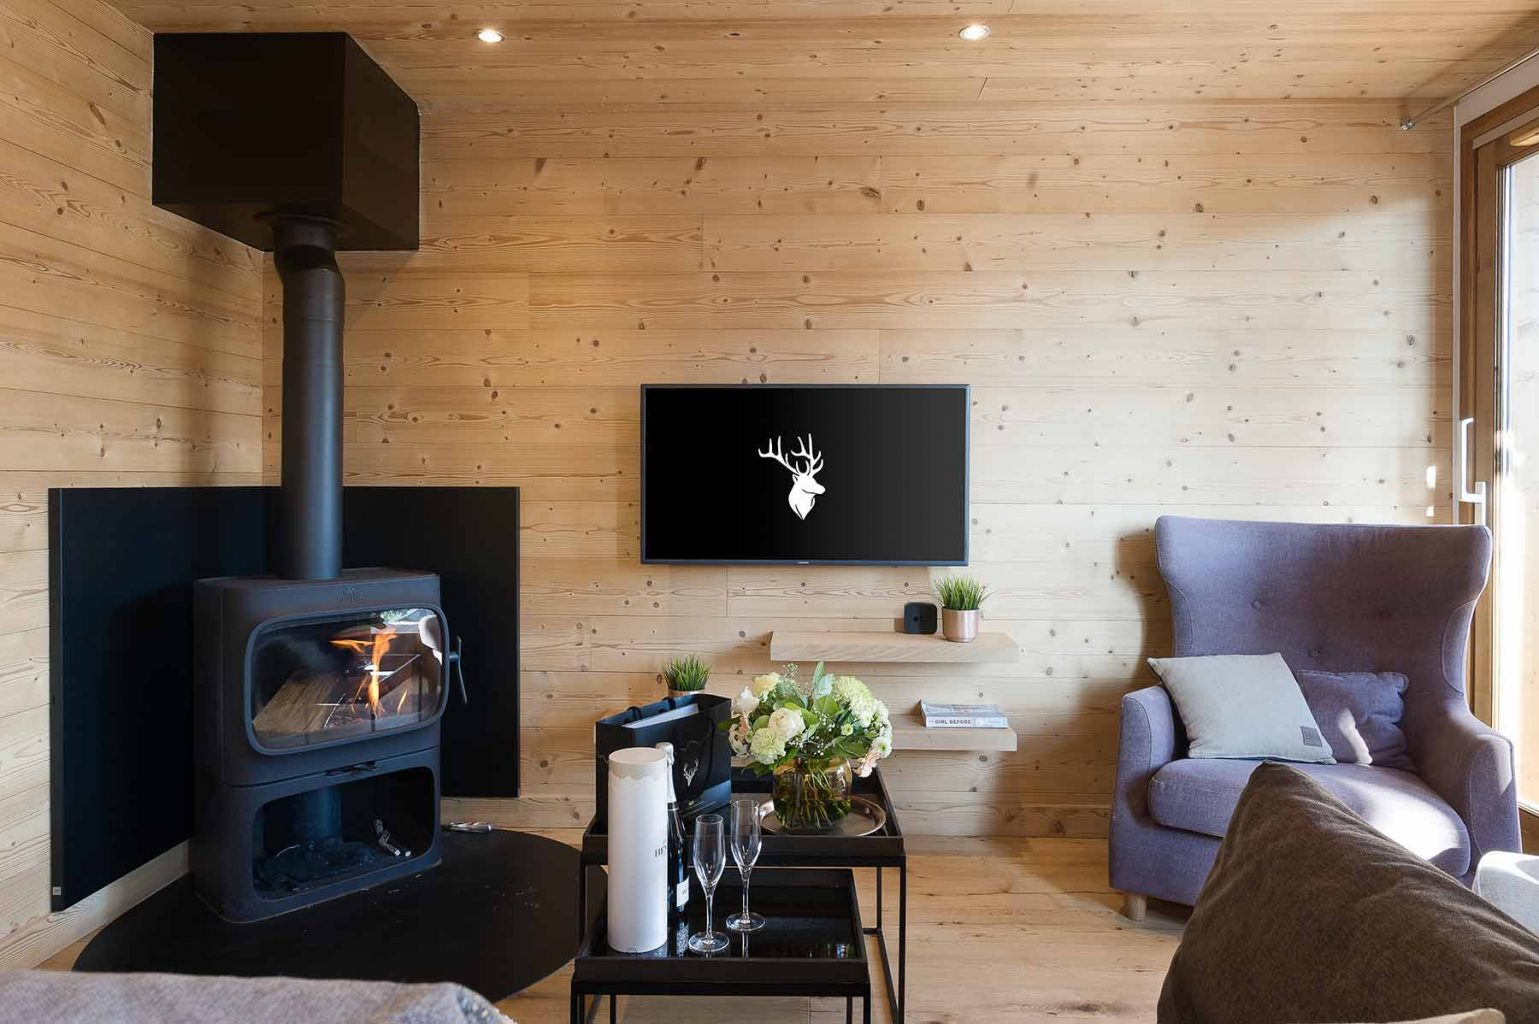 Kili 5A Fire Lounge